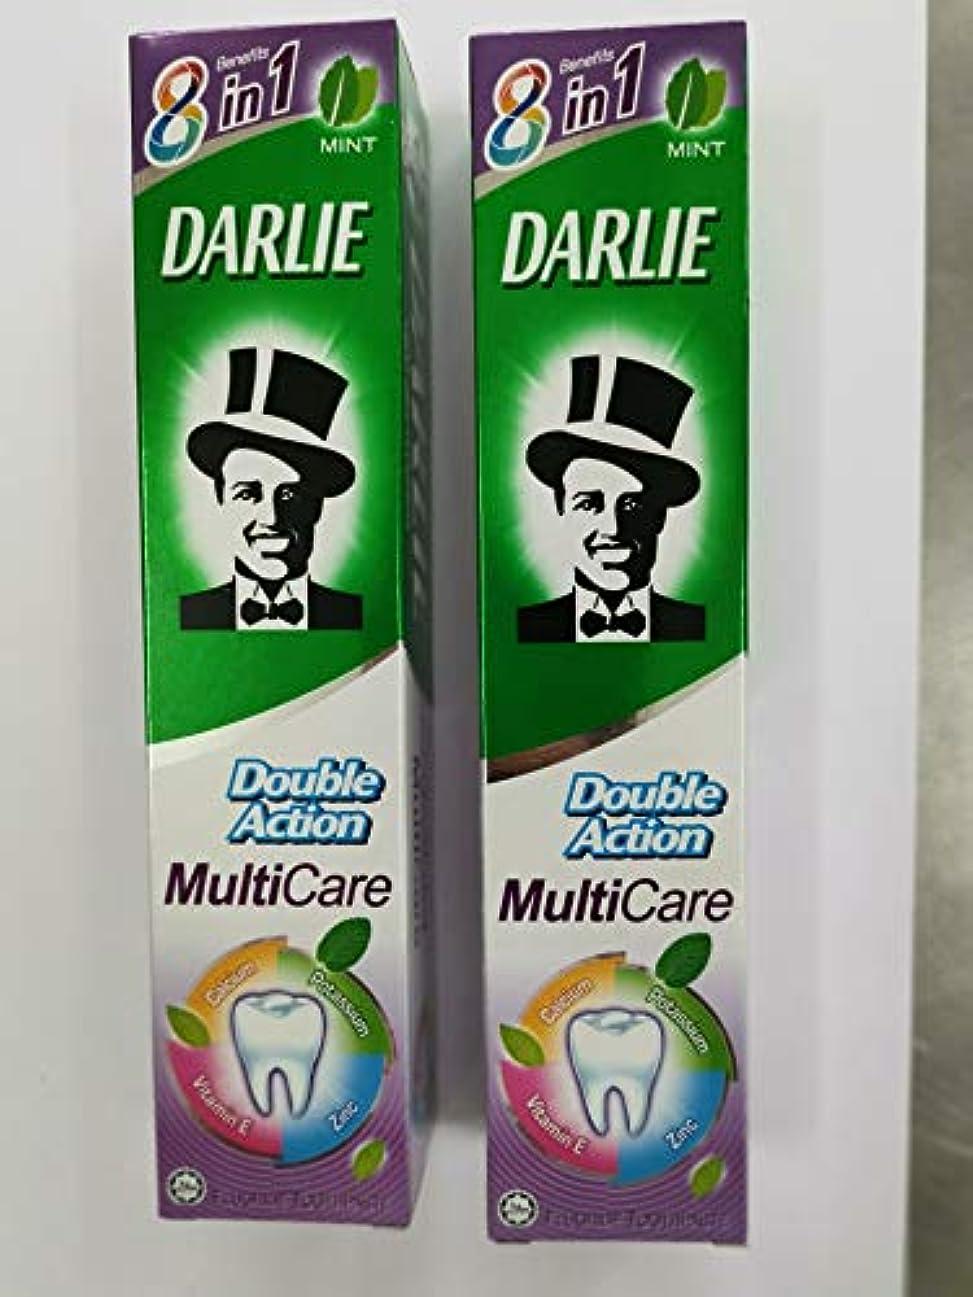 贅沢な所有者安心させるDARLIE 歯磨き粉ダブルアクションマルチケア 180g x 2-空洞を飛行し、歯を強化するフッ化物が含まれています